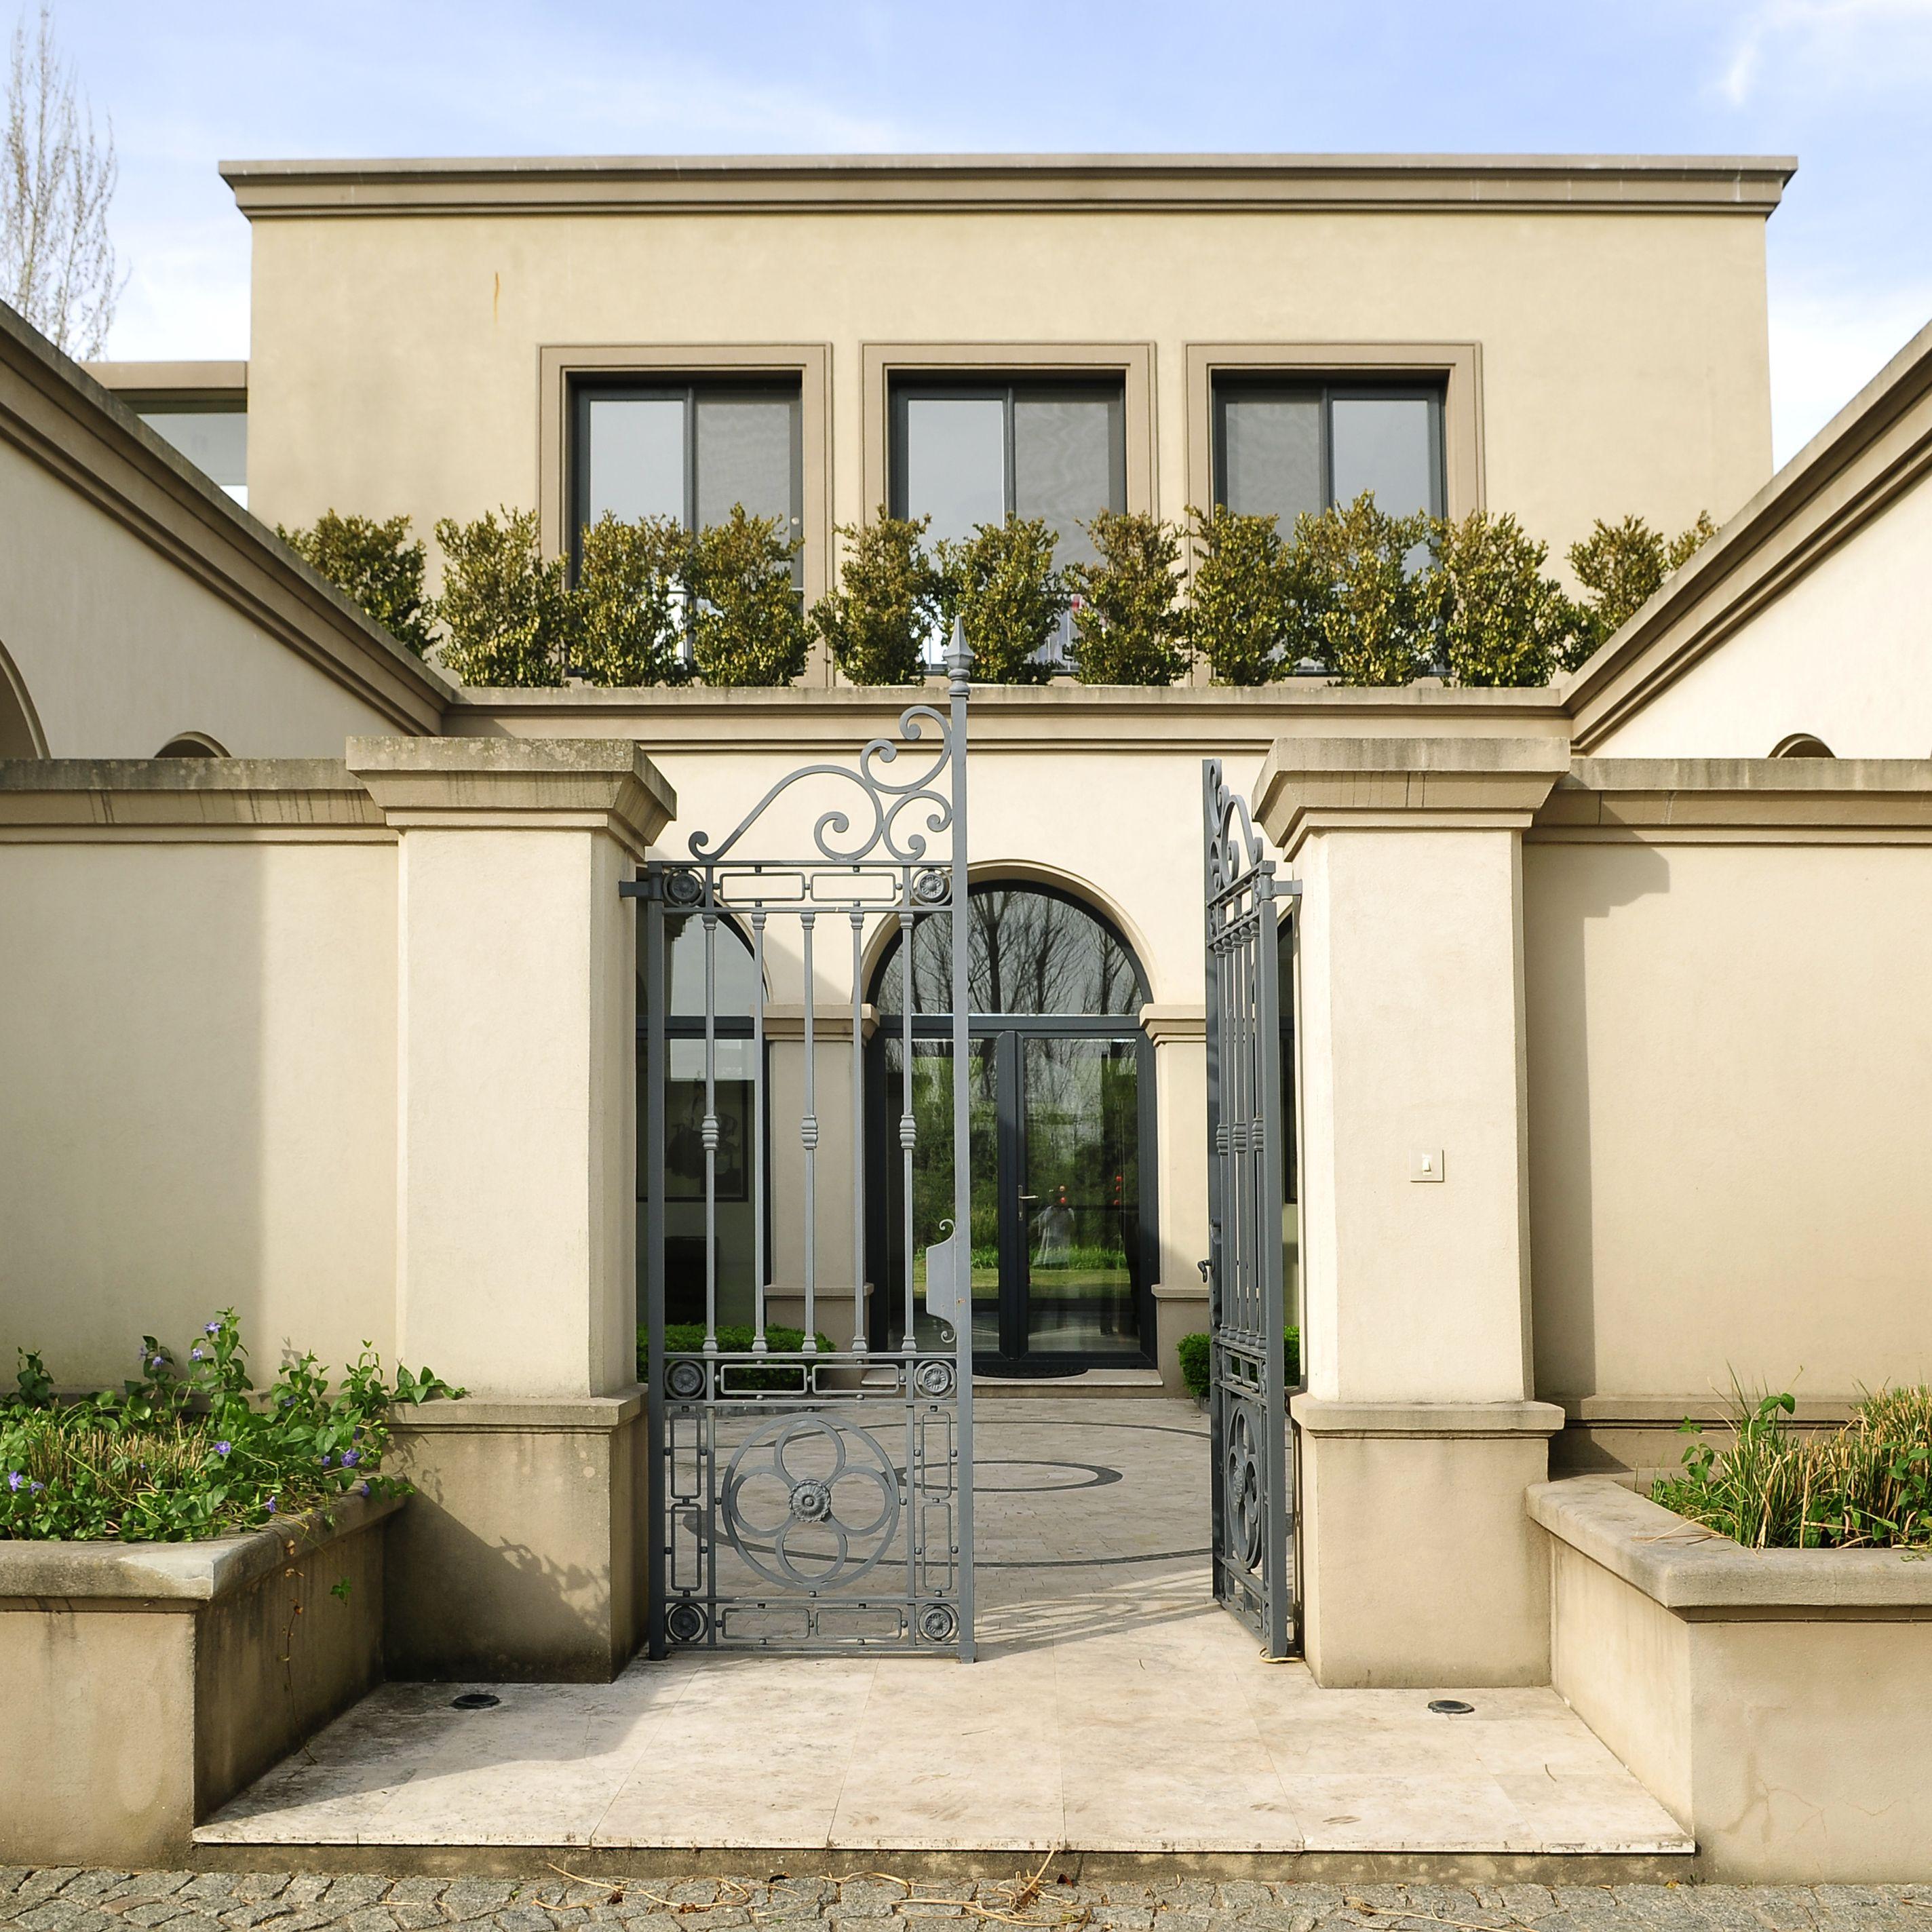 Utilizaci n de piedra en fachadas modernas house for Fachadas de casas interiores